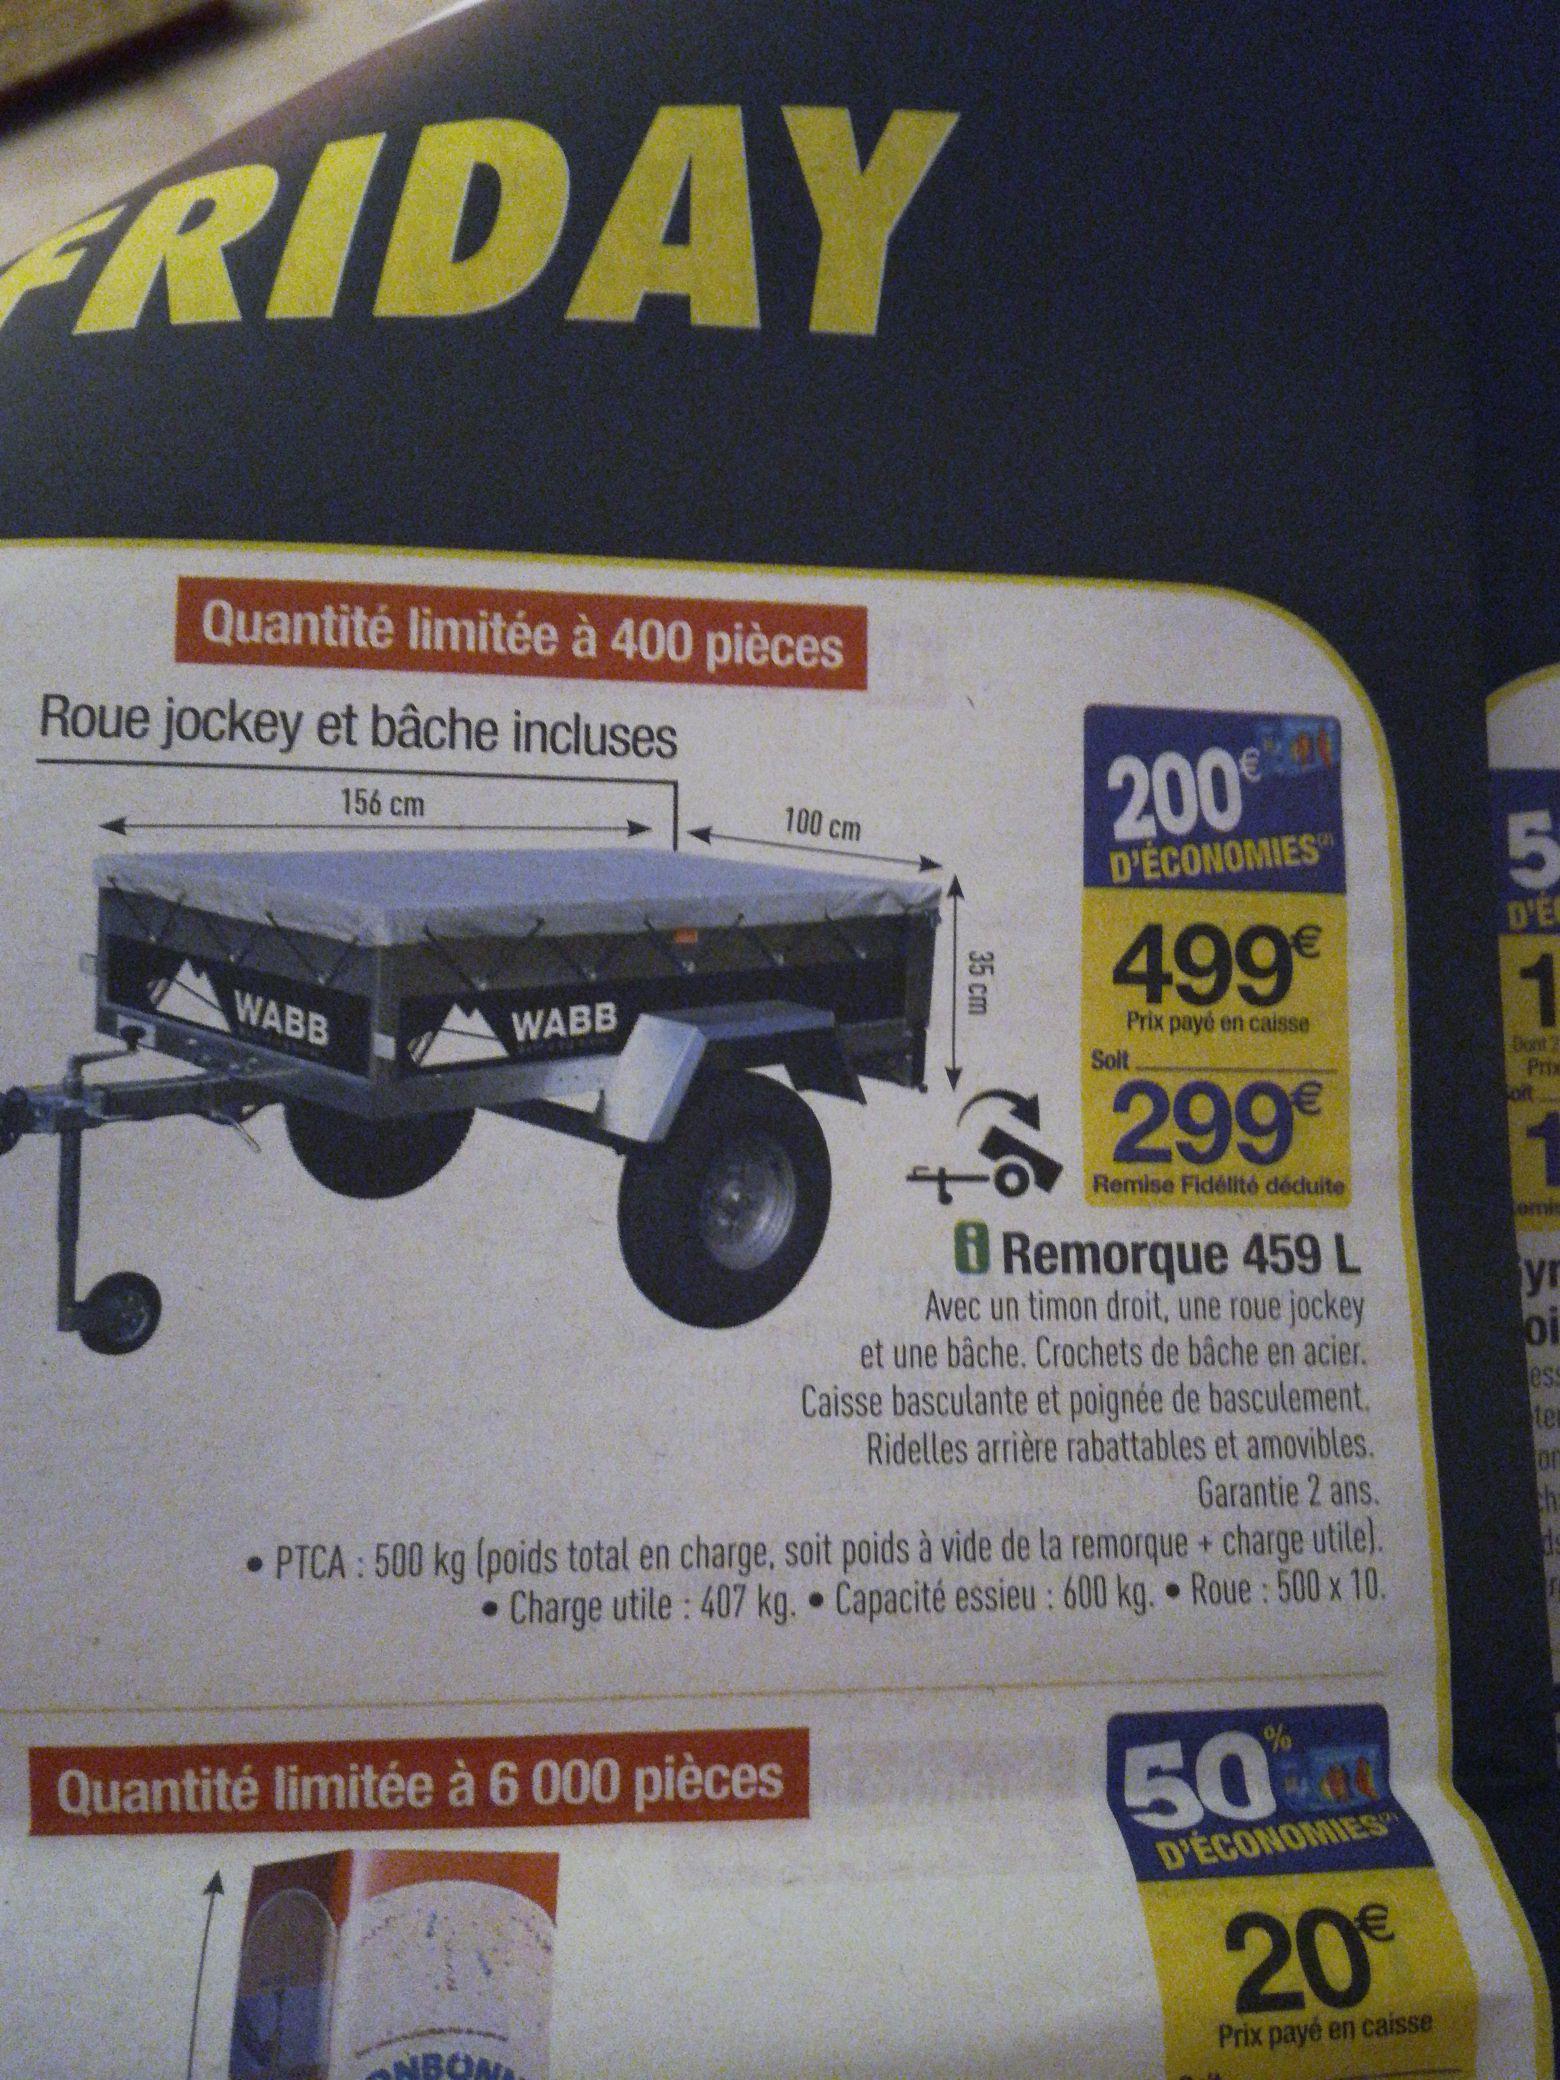 Remorque - 459l (via 200€ fidélité)